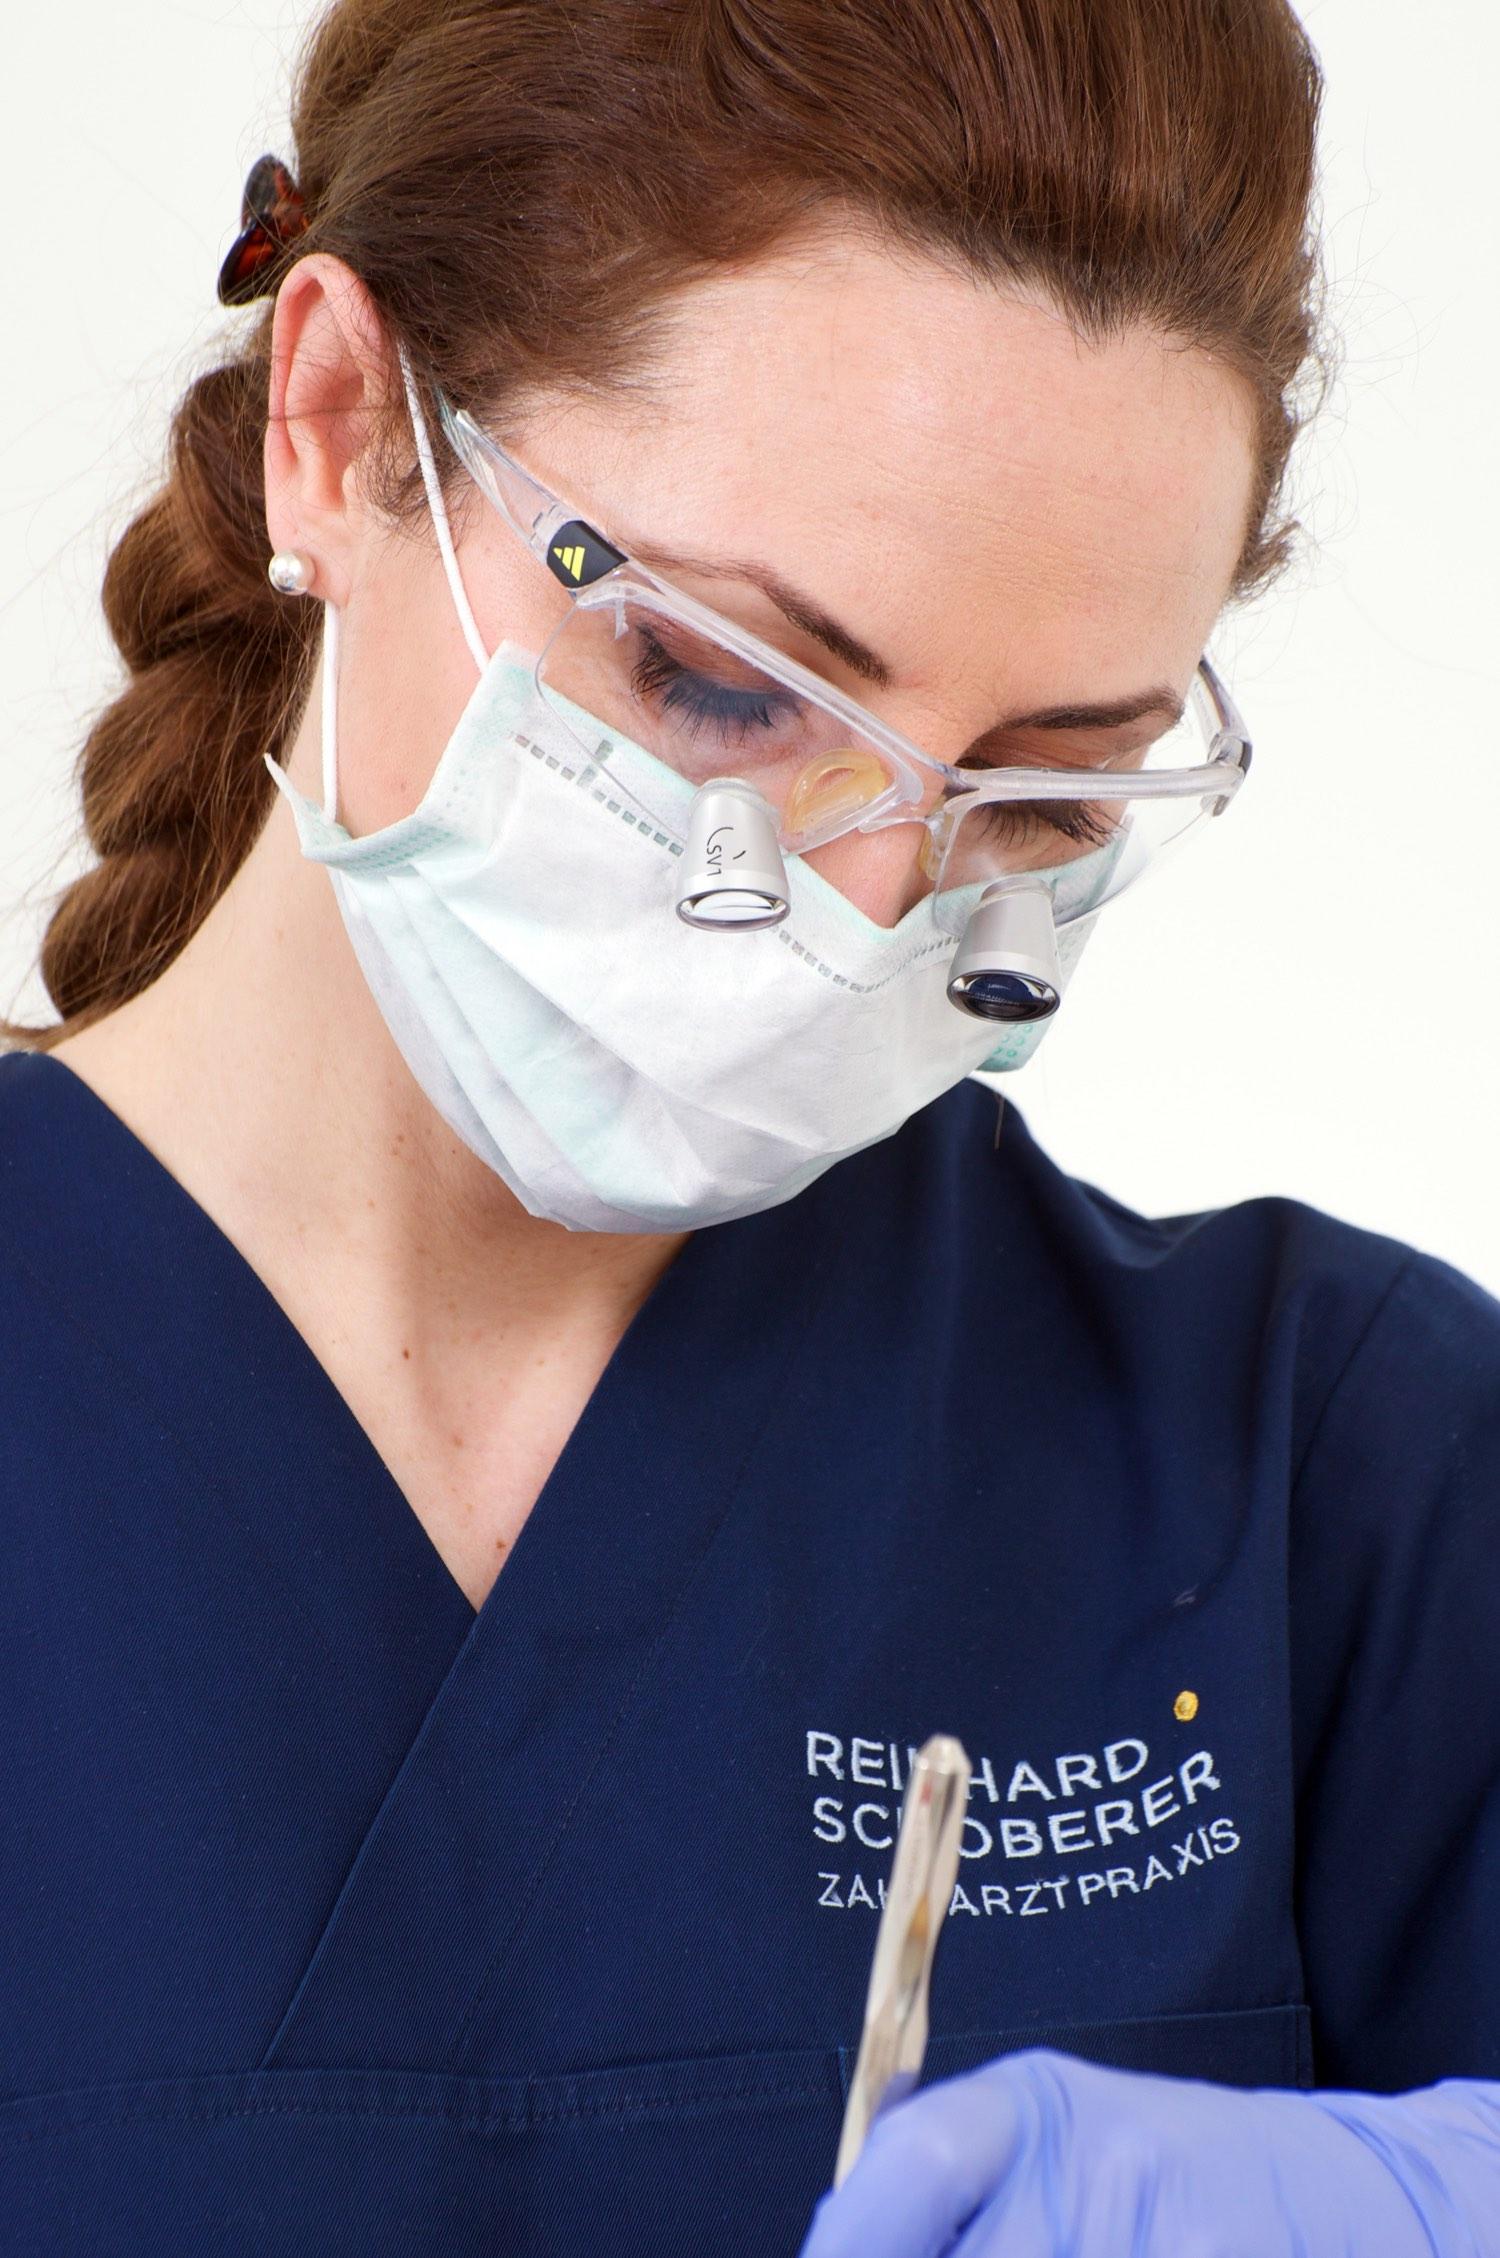 Zahnarztpraxis-Schoberer-Gruenwald-Profesionelle-Zahnreinigung-1.jpg